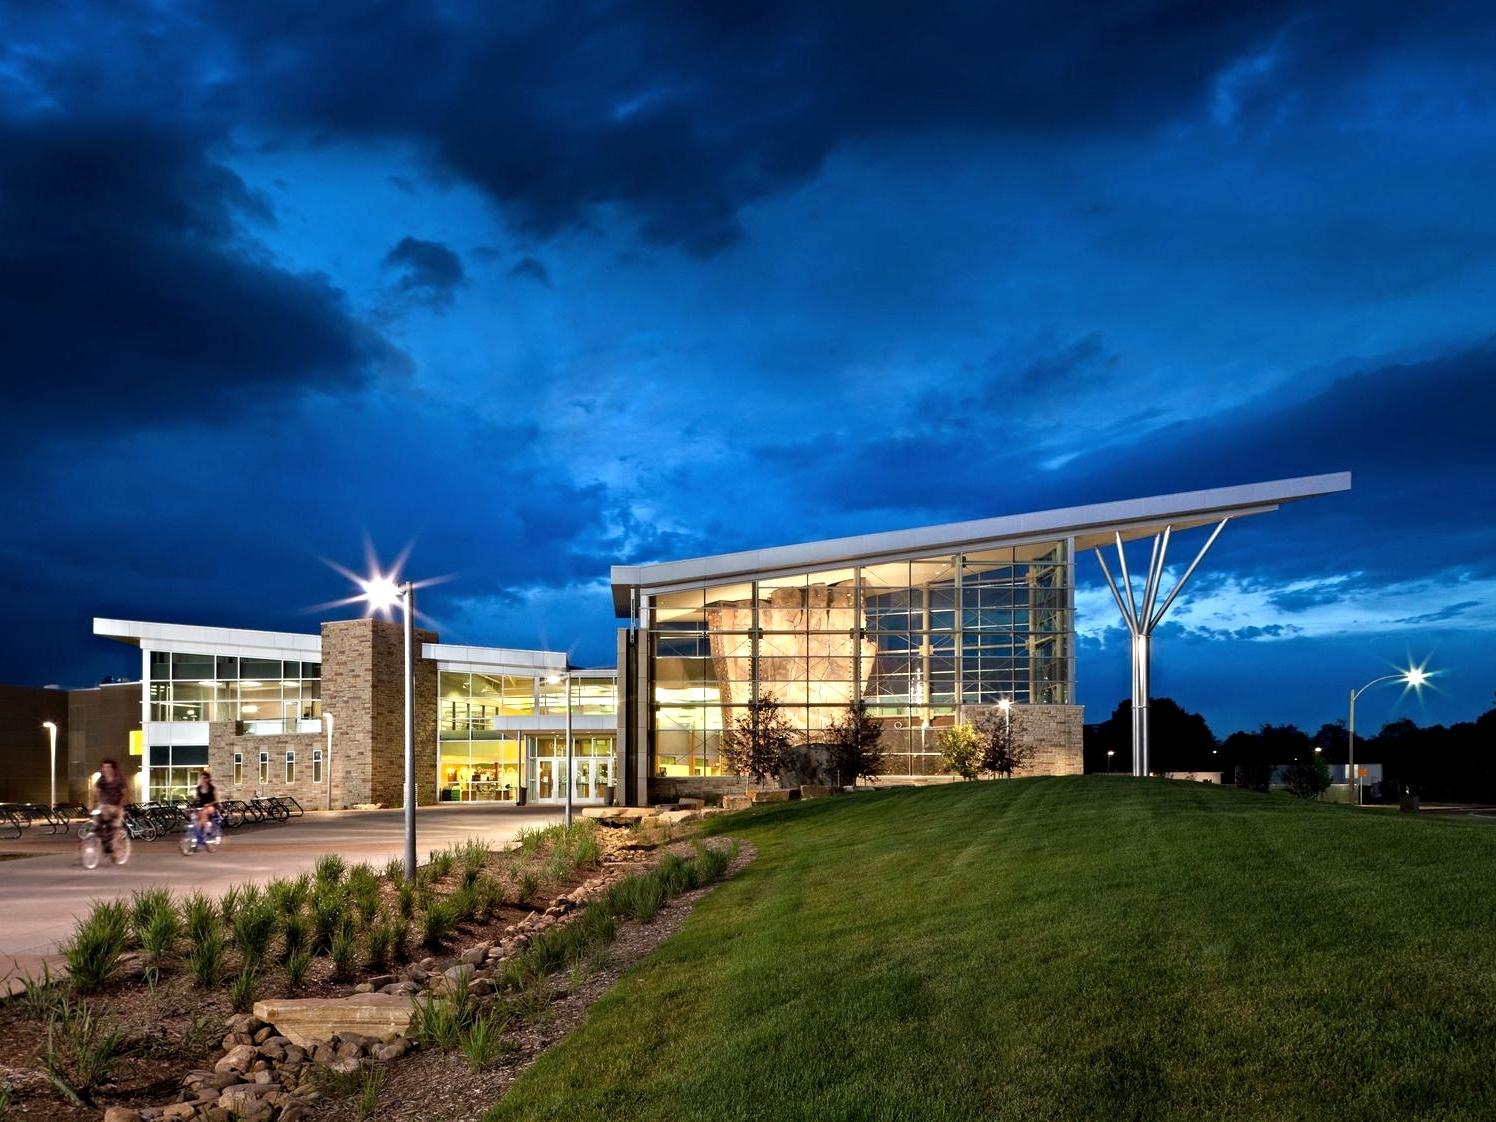 Colorado State Rec Center